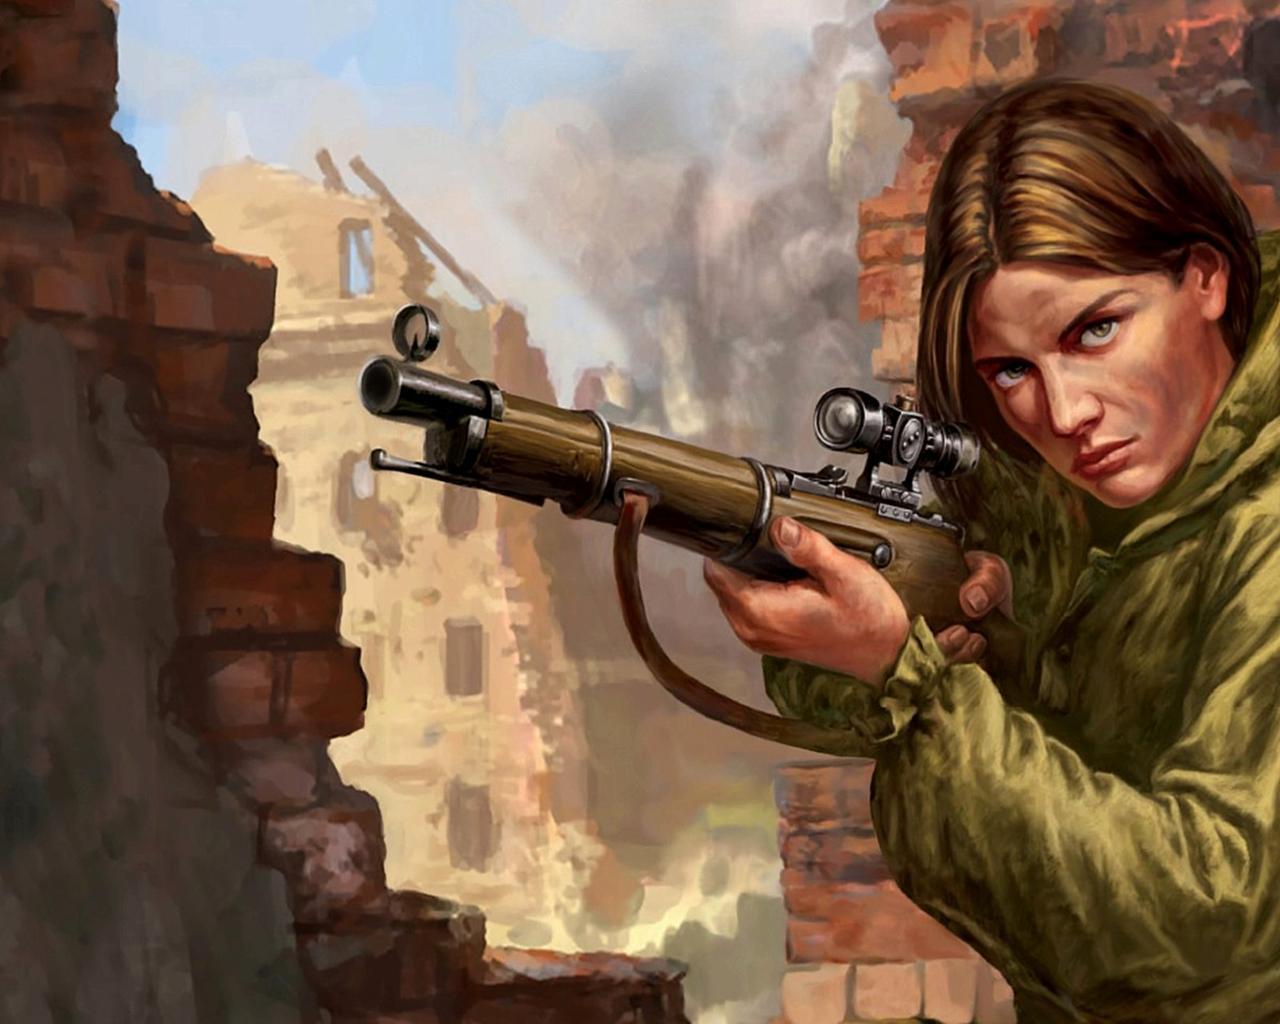 Порно чечня девушки снайперы